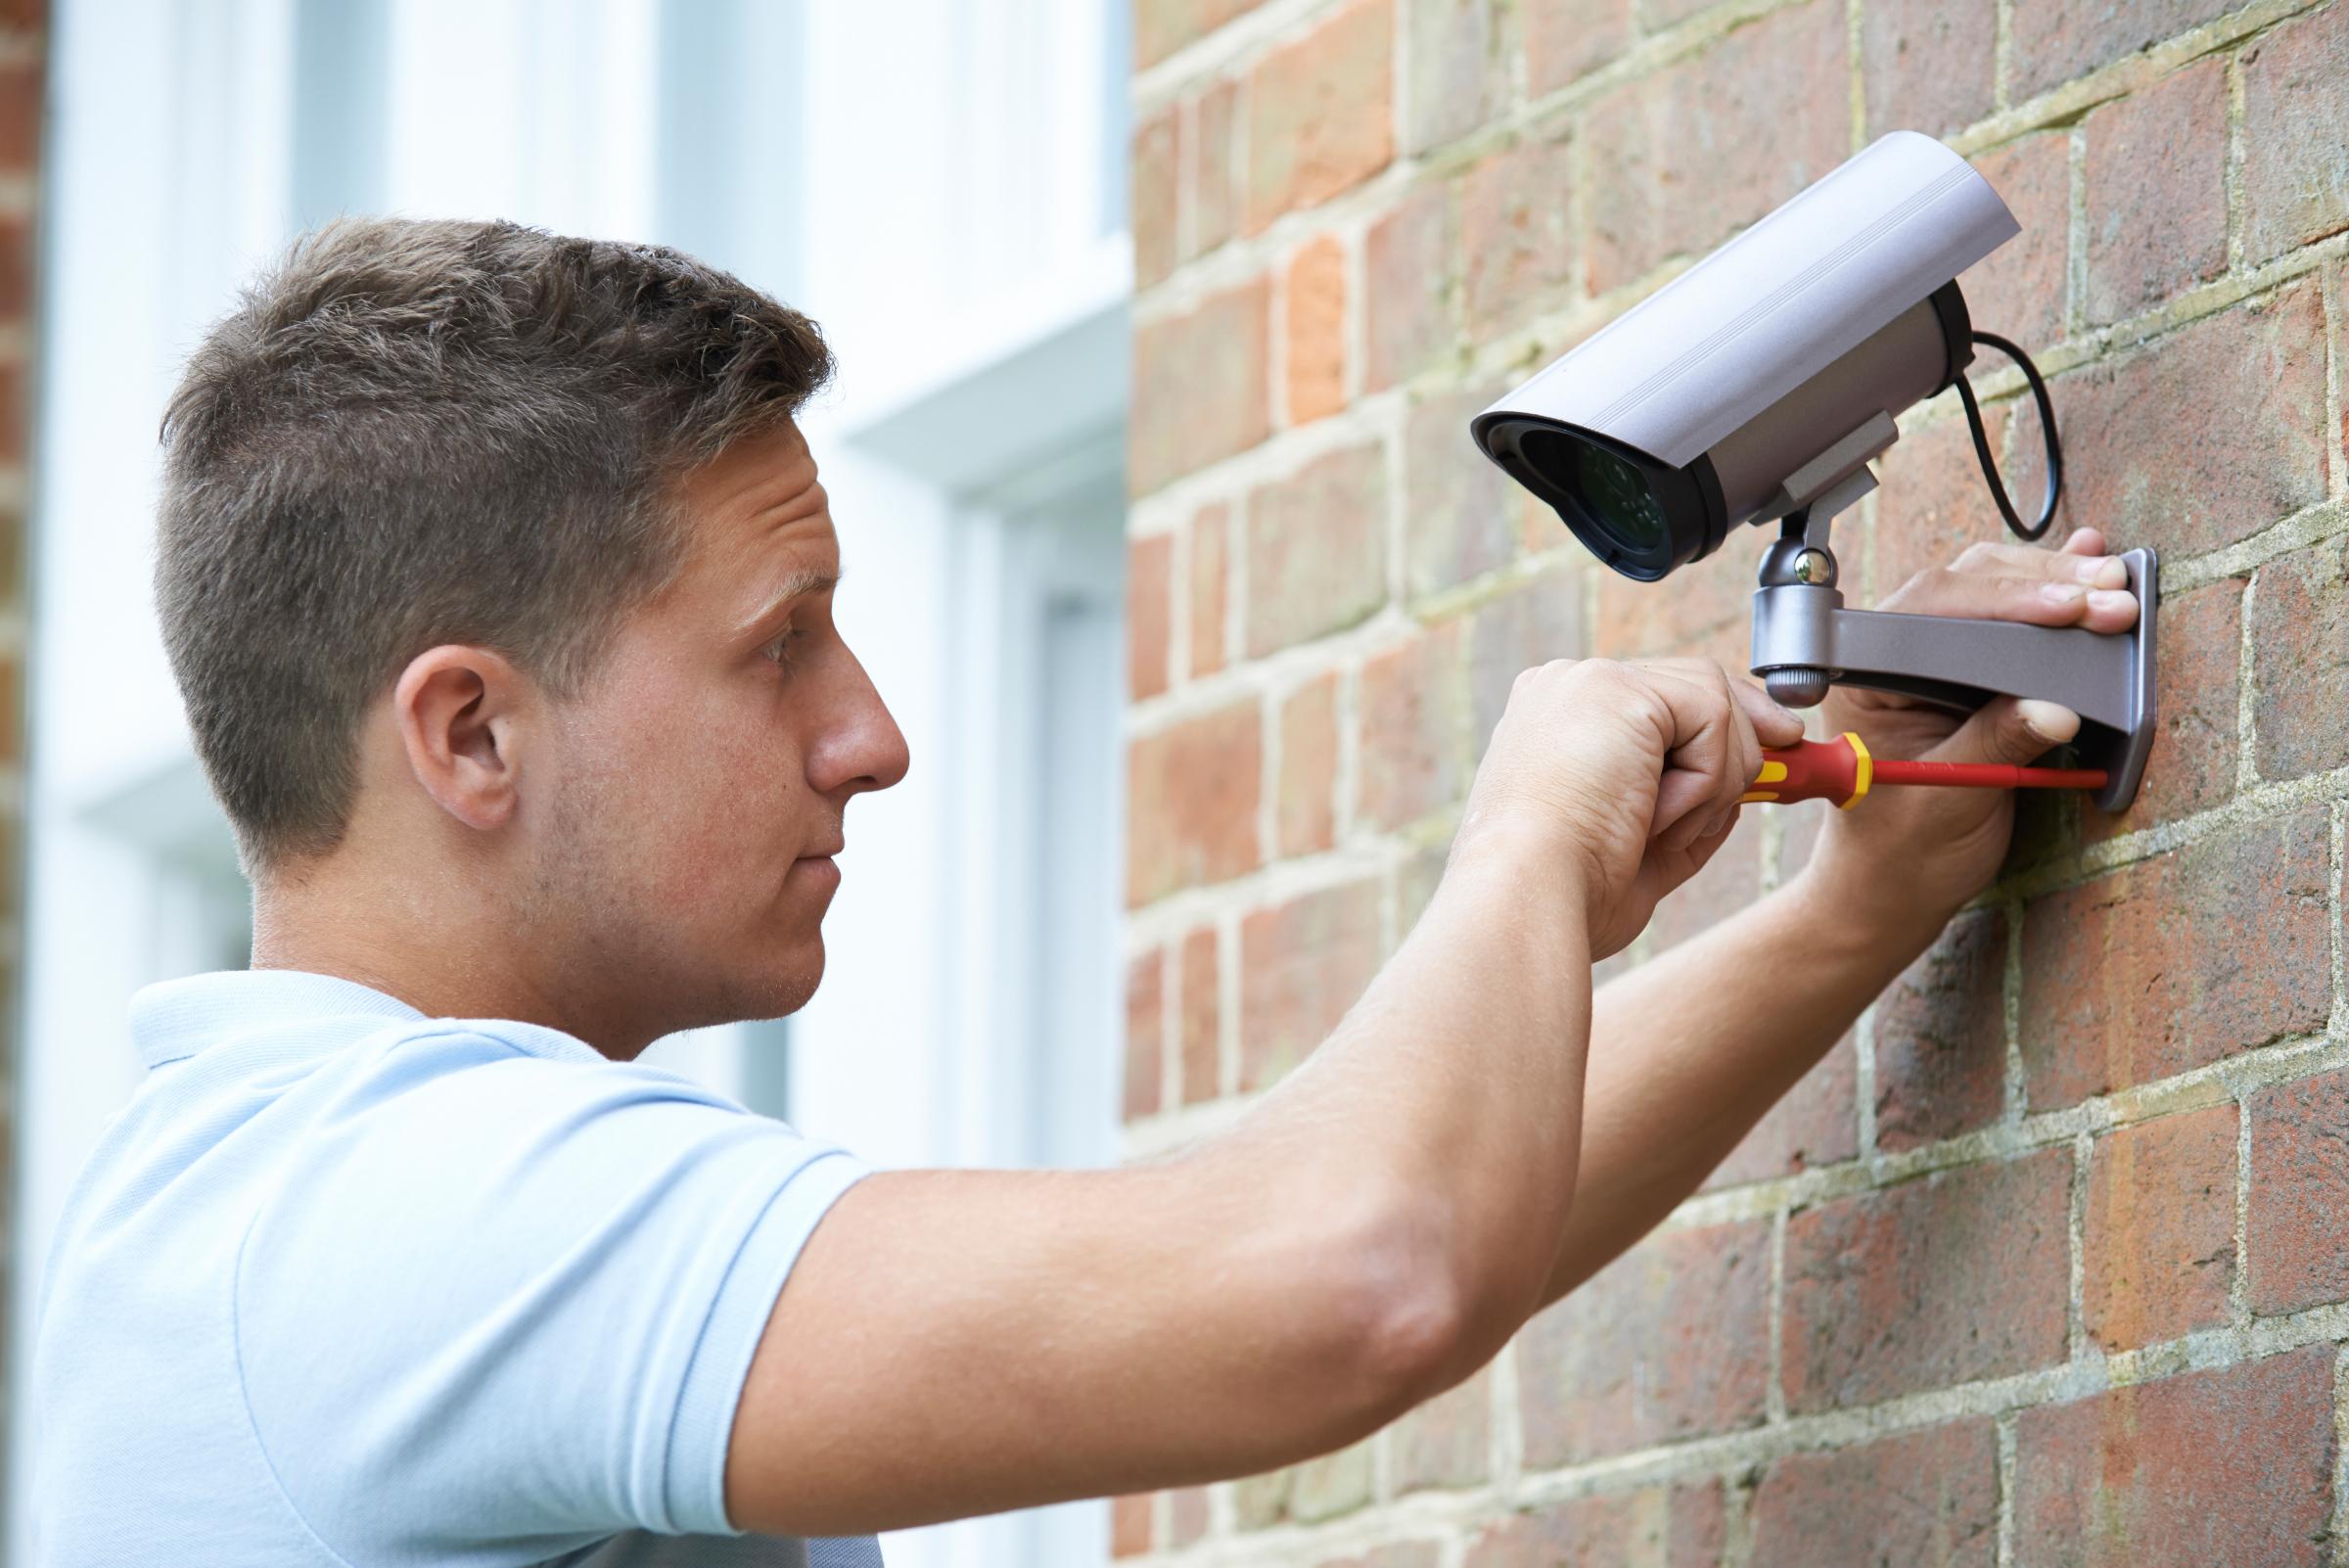 VACACIONES Consejos de seguridad al dejar tu casa sola EVITA ROBOS